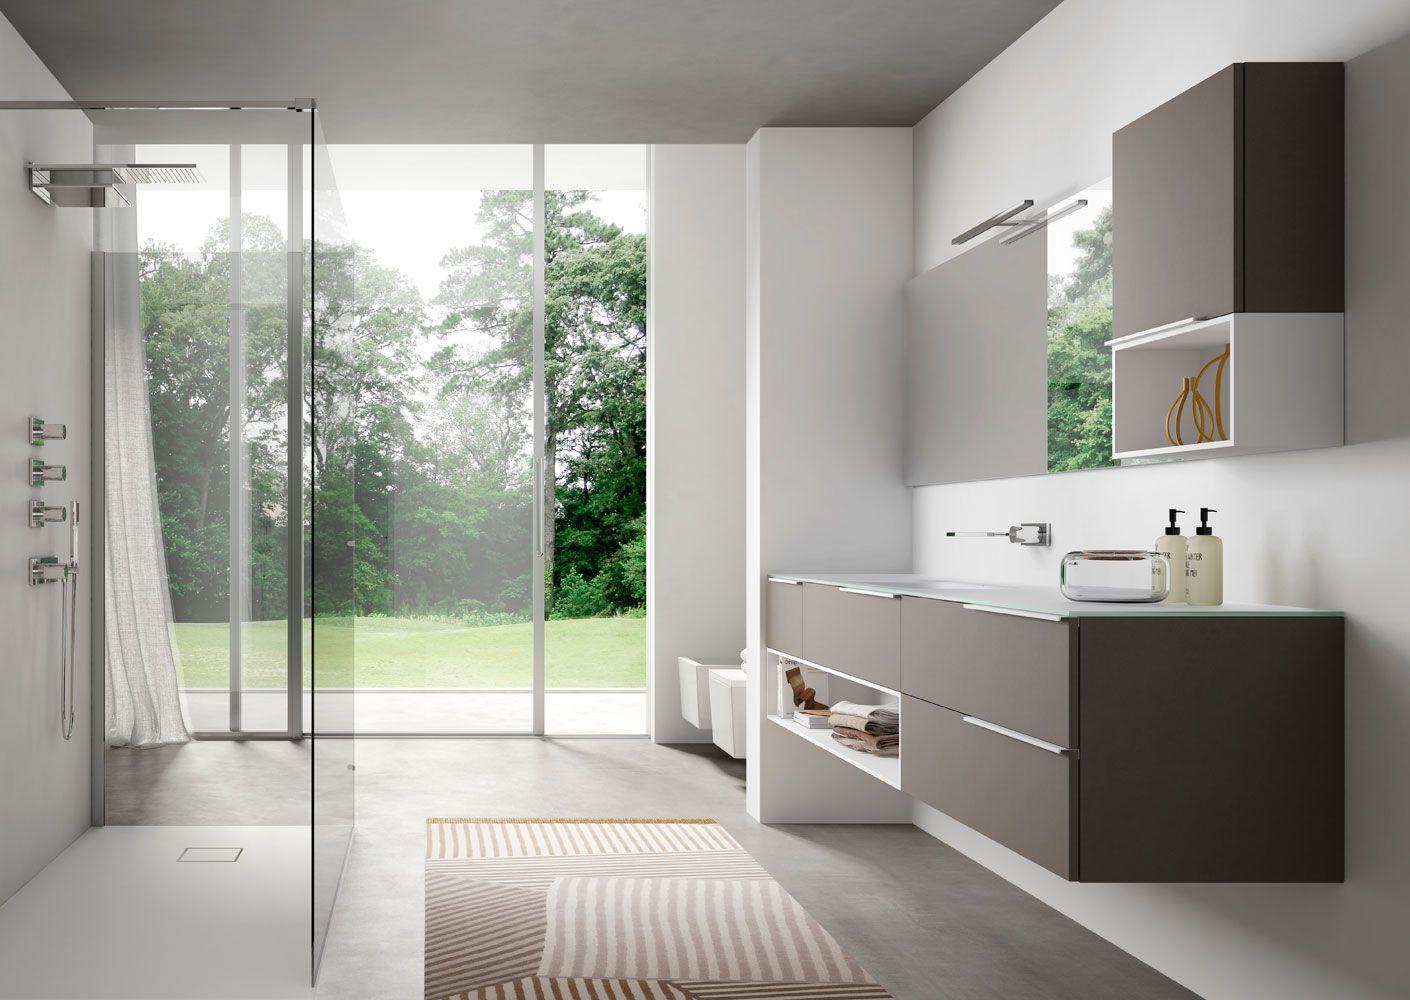 Arredo Bagno Tradizionale : My time mobili per bagno moderno e contemporaneo bagni